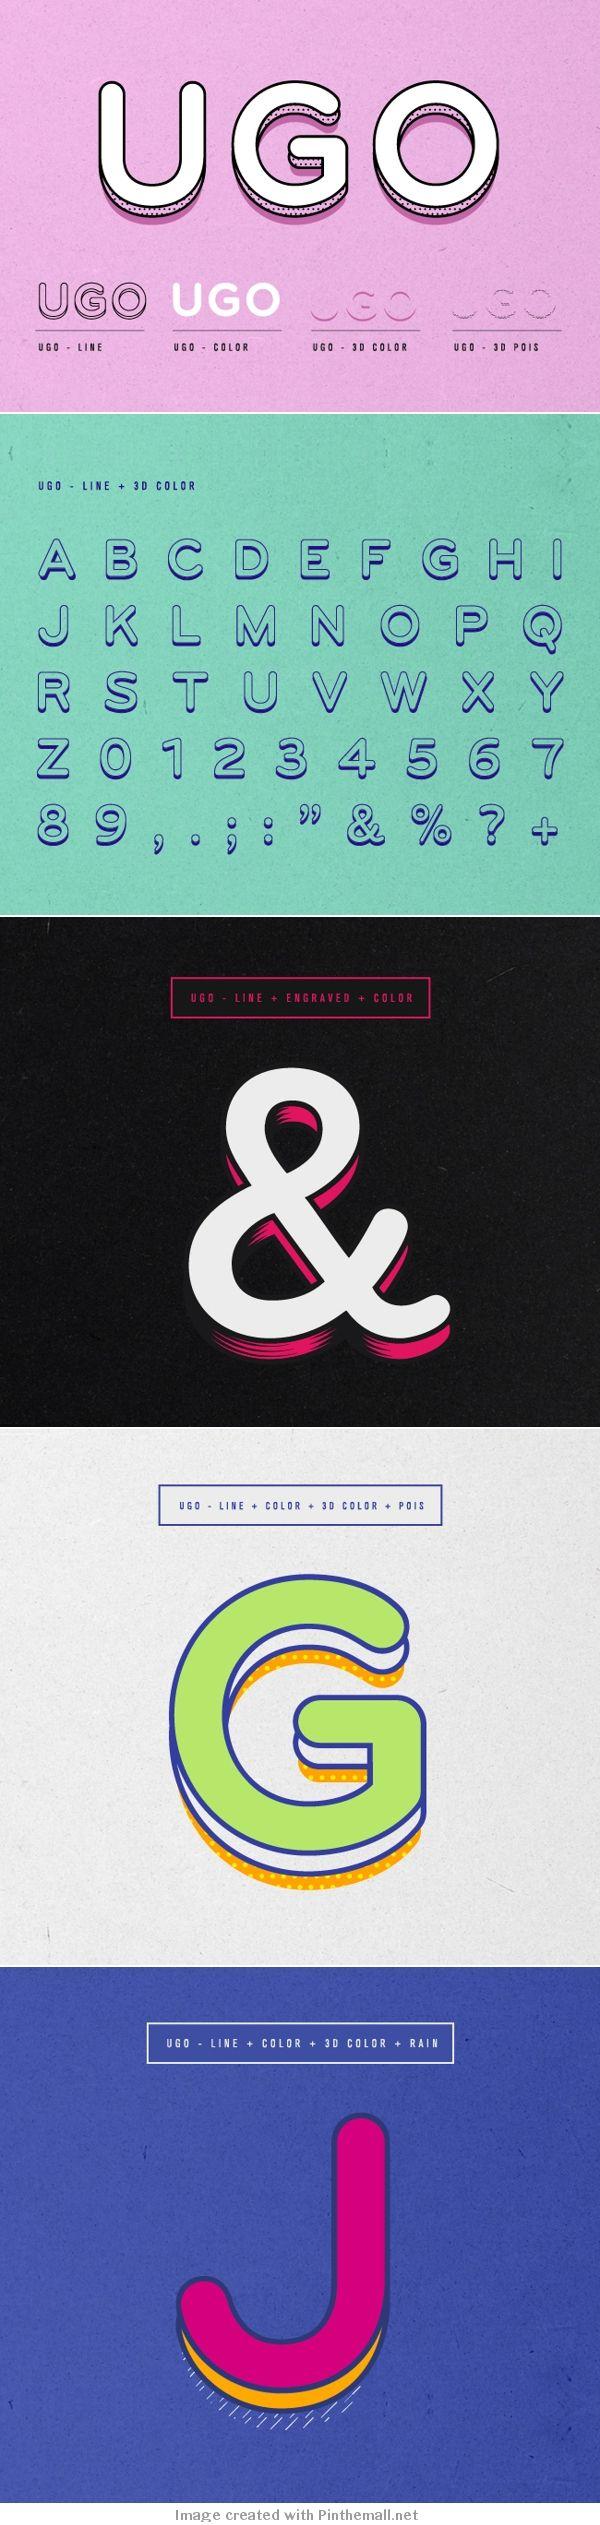 UGO free font - Download & Enjoy               #type #typography #free